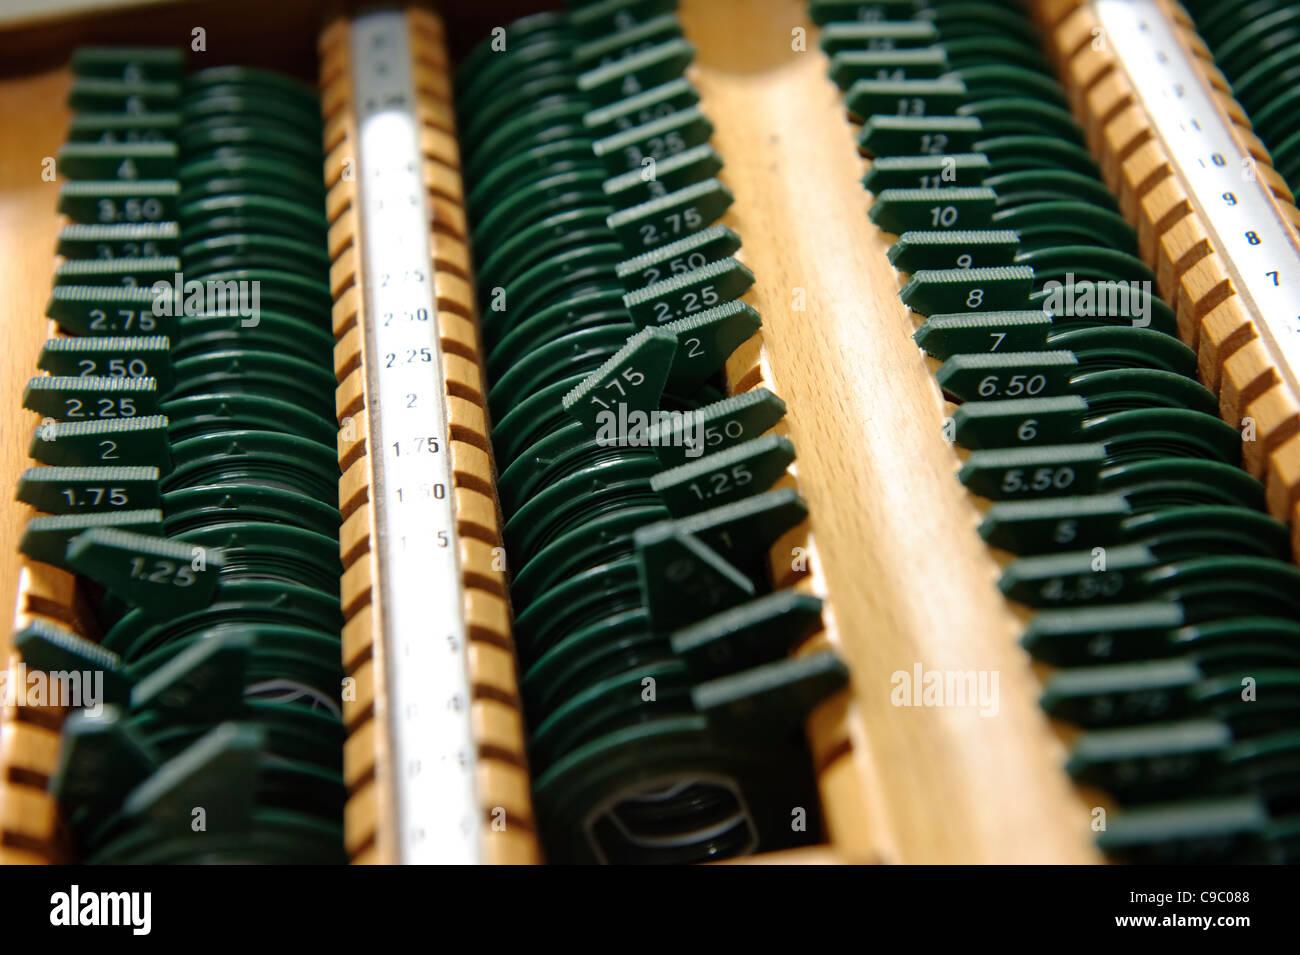 Optometry equipment Stock Photo: 40216296 - Alamy